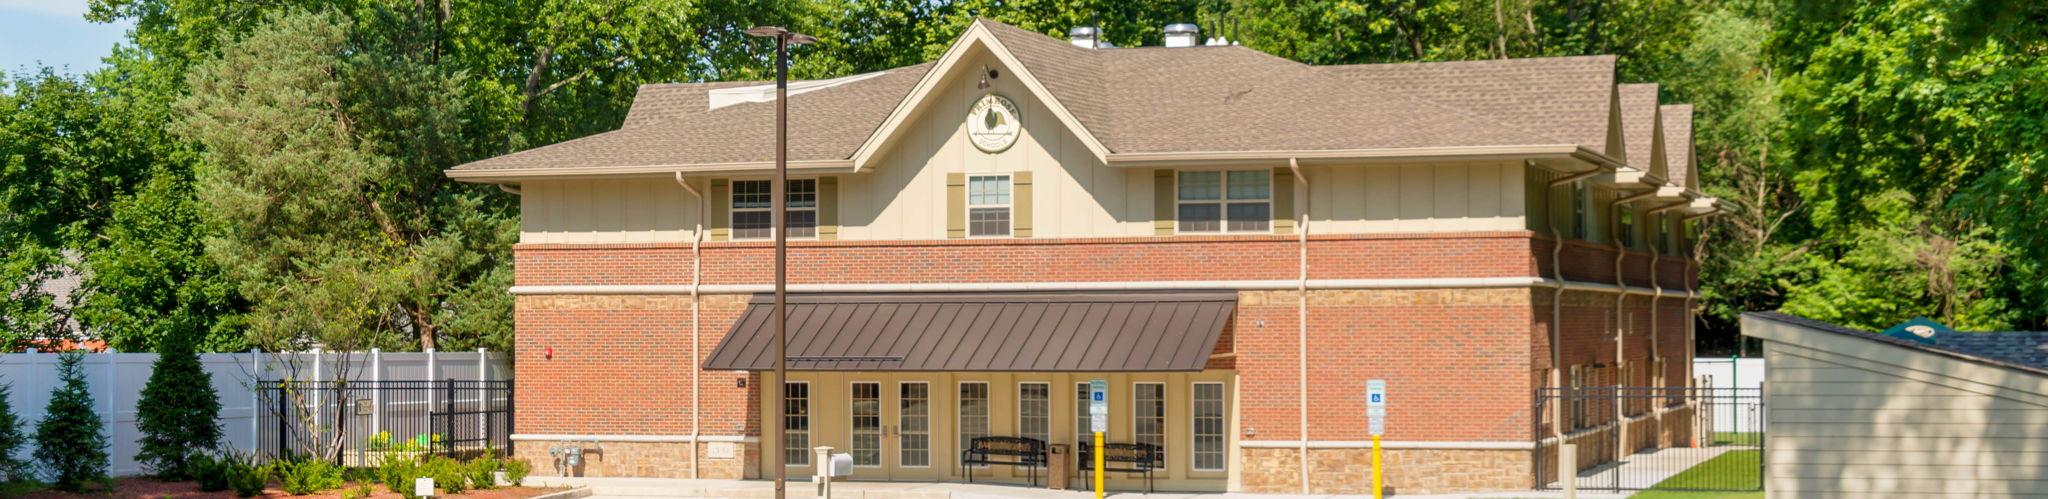 exterior of Primrose School of Paramus